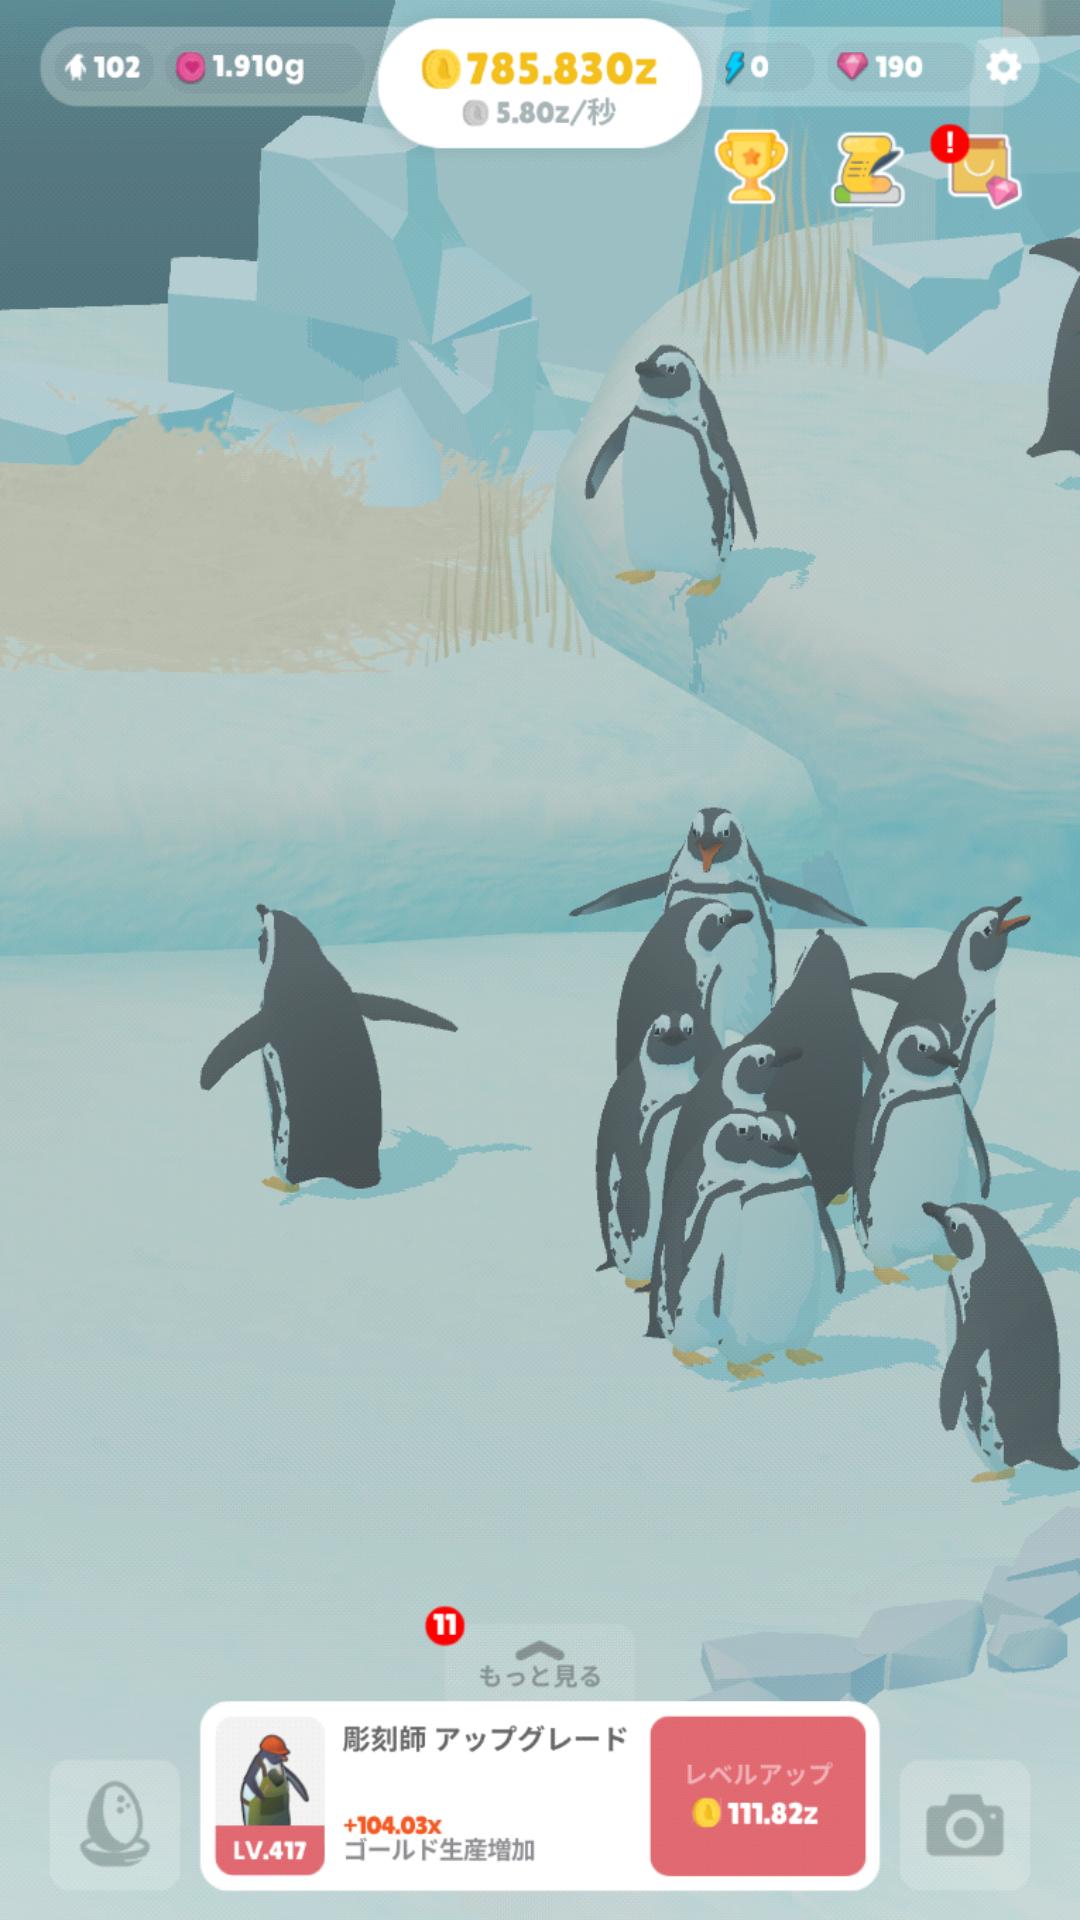 ペンギンの島 クオリティ 高い